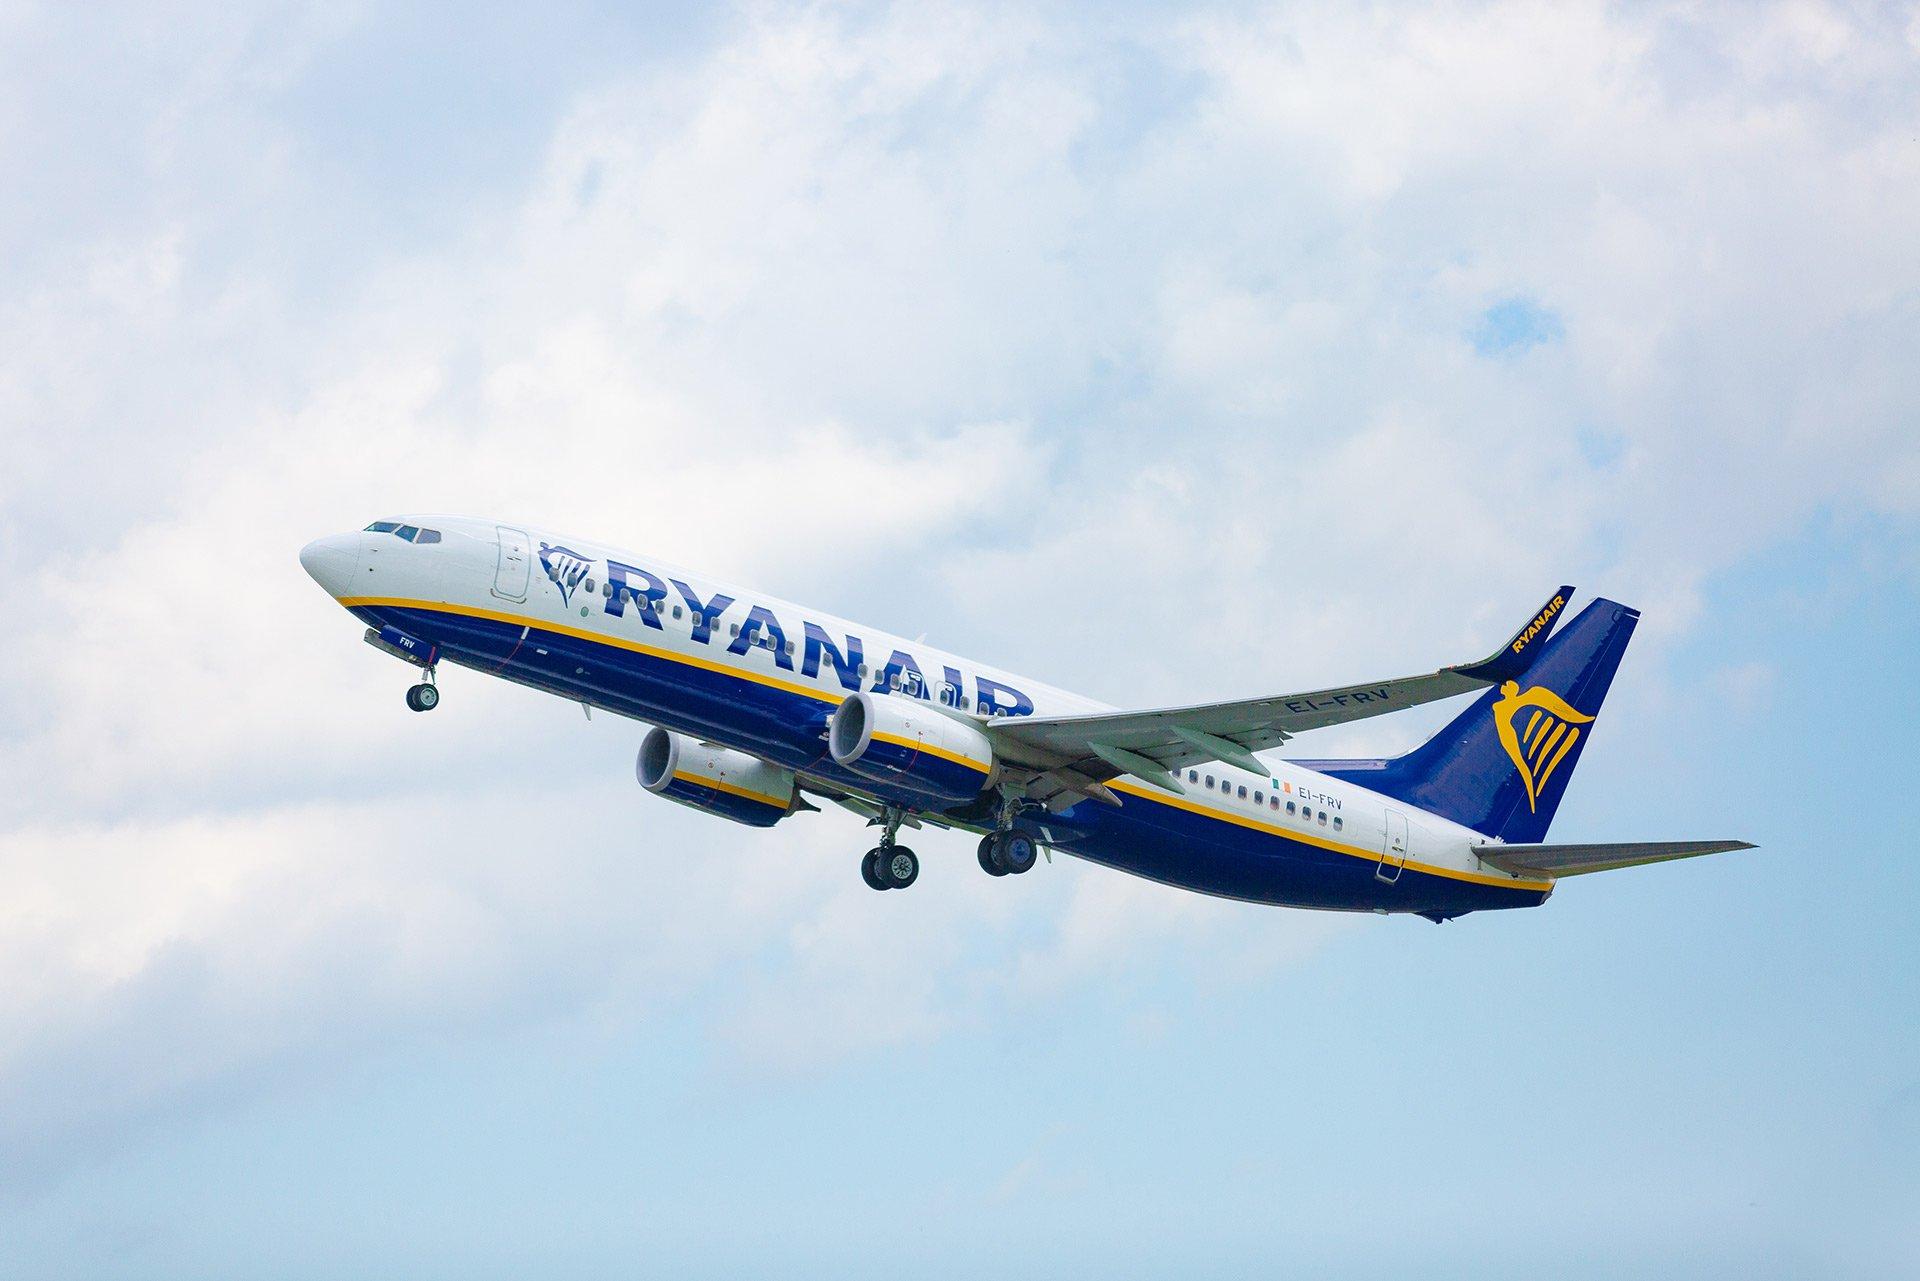 Украина отменяет авиасообщение с Беларусью